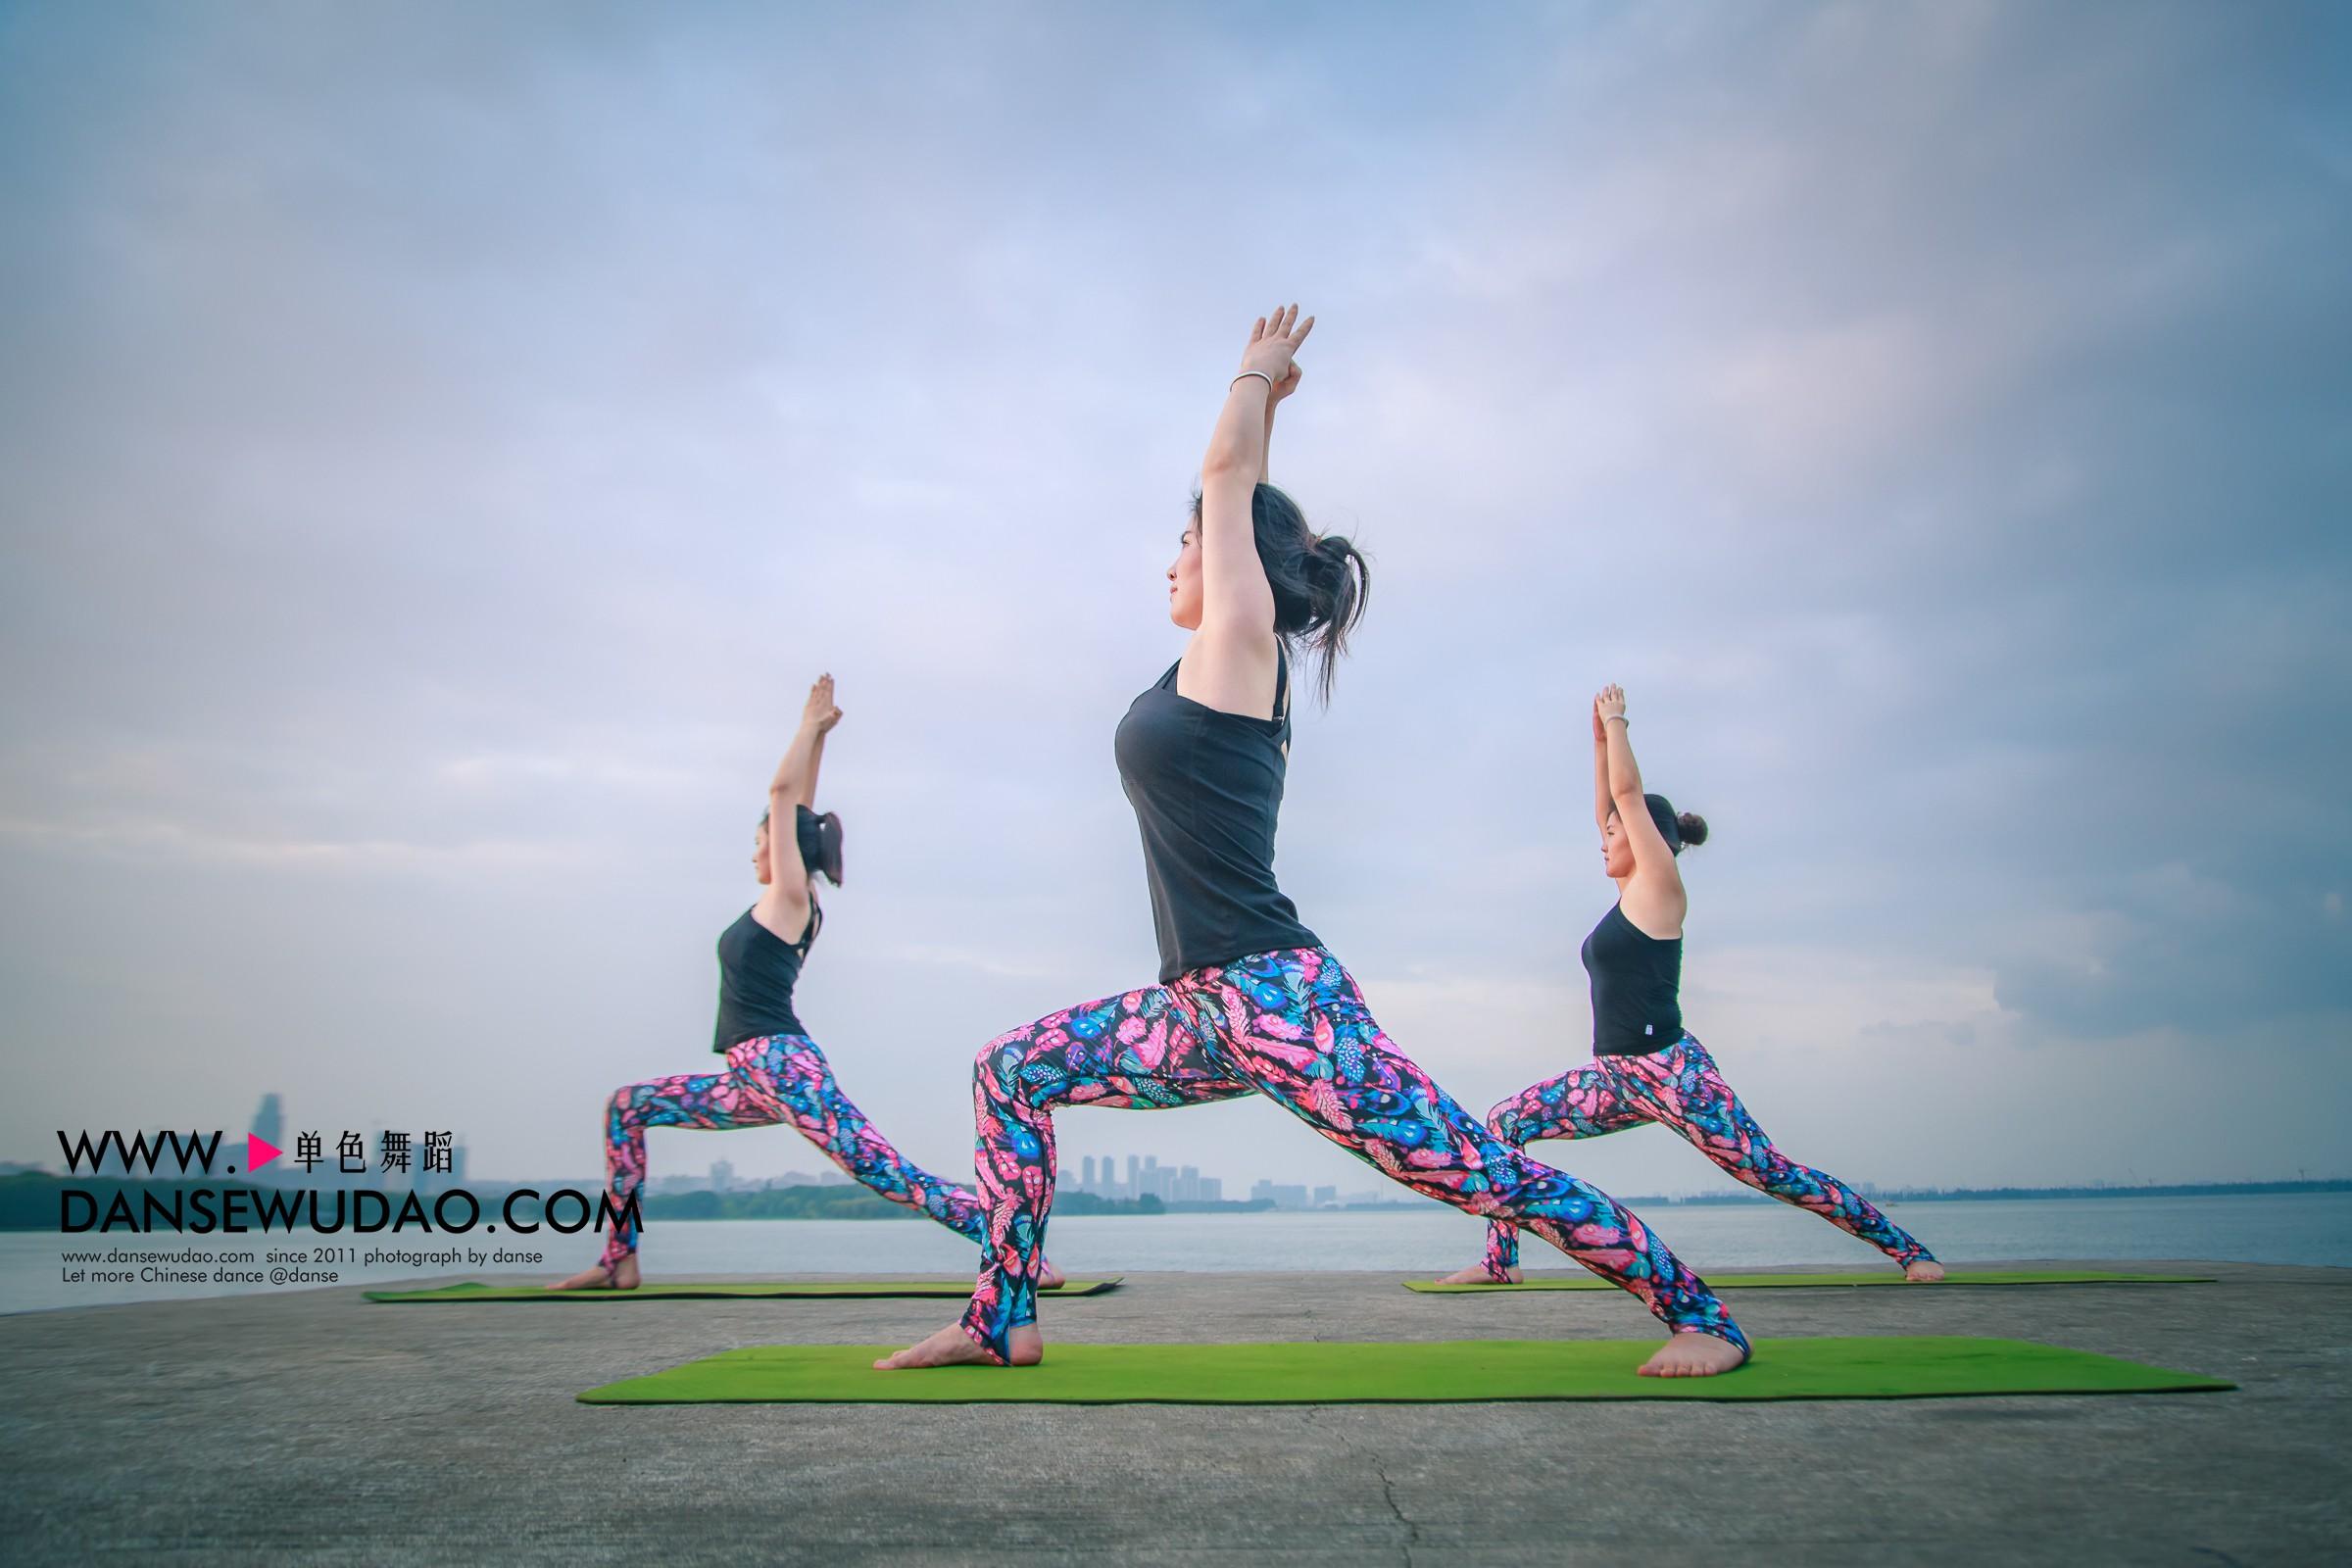 13招丰胸瑜伽告别飞机场 瑜伽教练培训